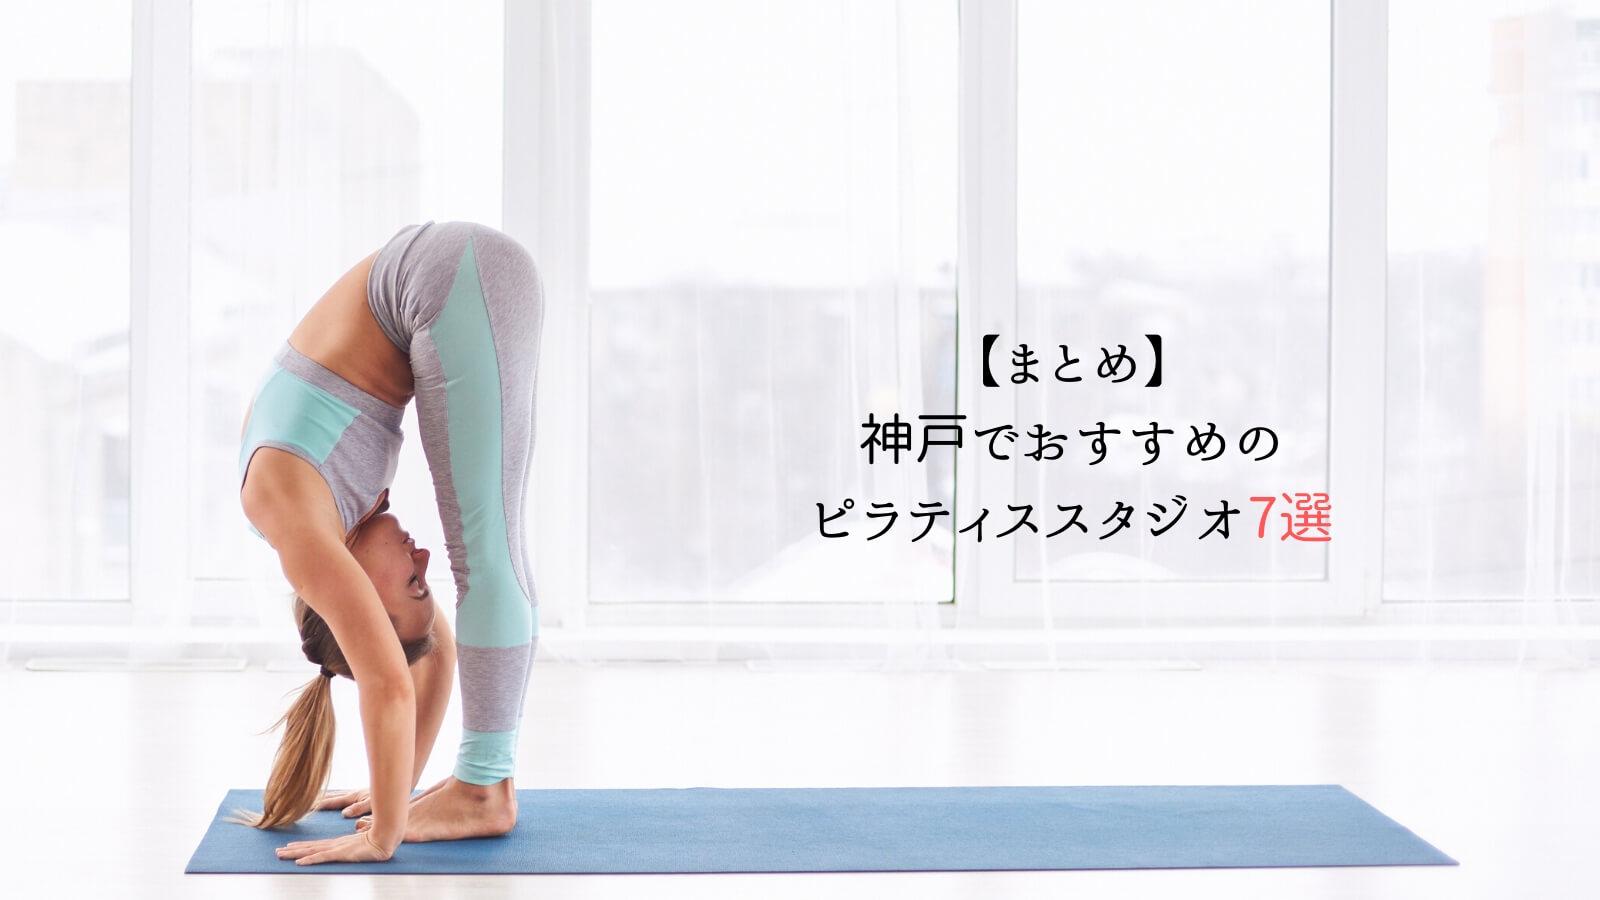 【まとめ】神戸でおすすめのピラティススタジオ7選